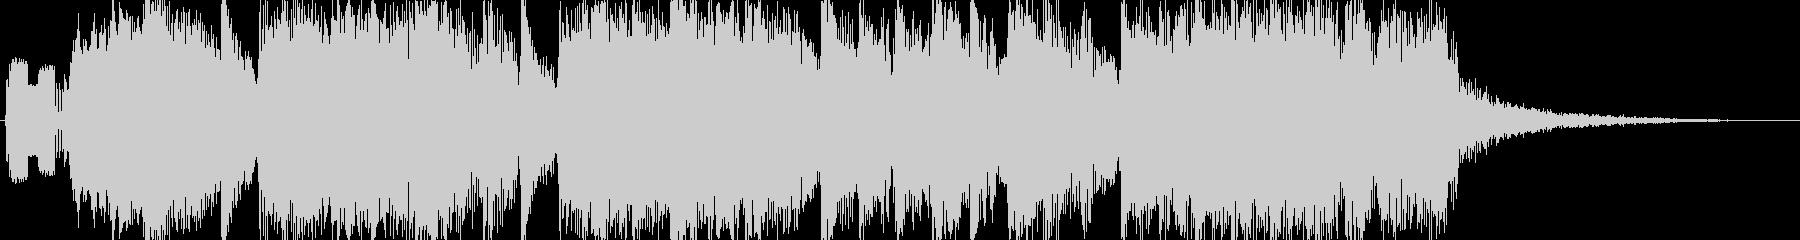 軽快で華やかなジングル 10秒verの未再生の波形